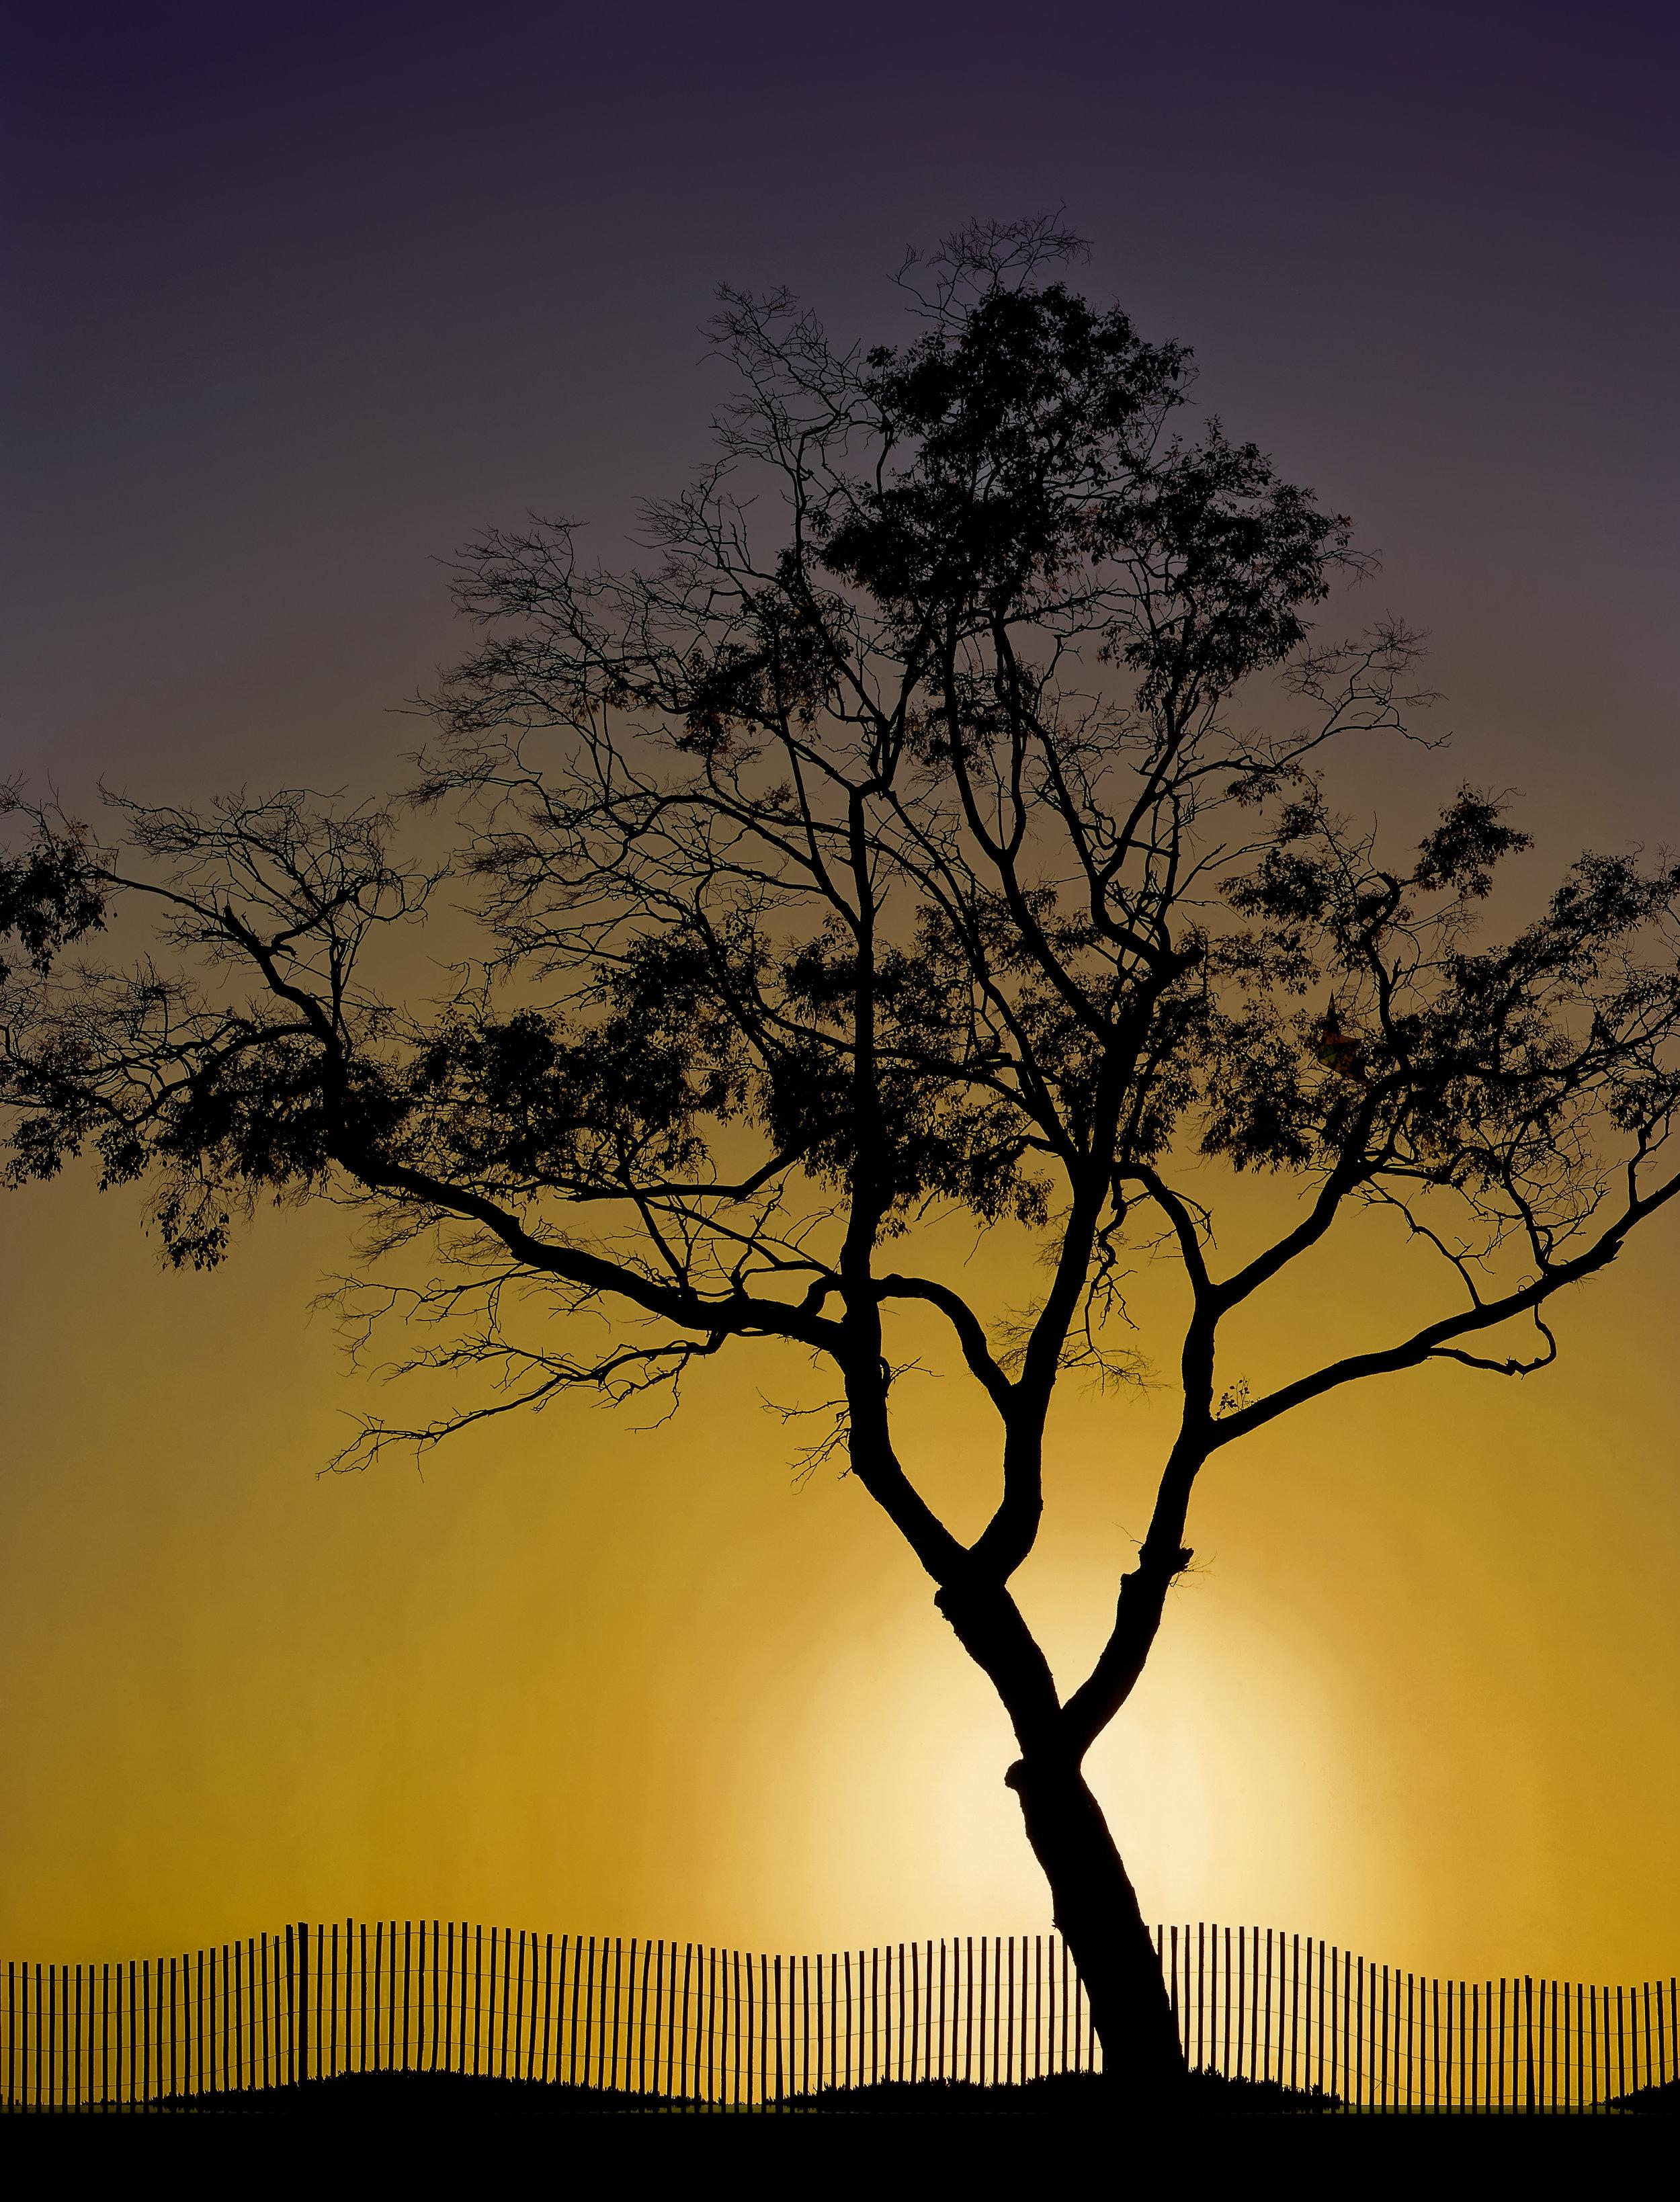 capinteria_tree.jpg